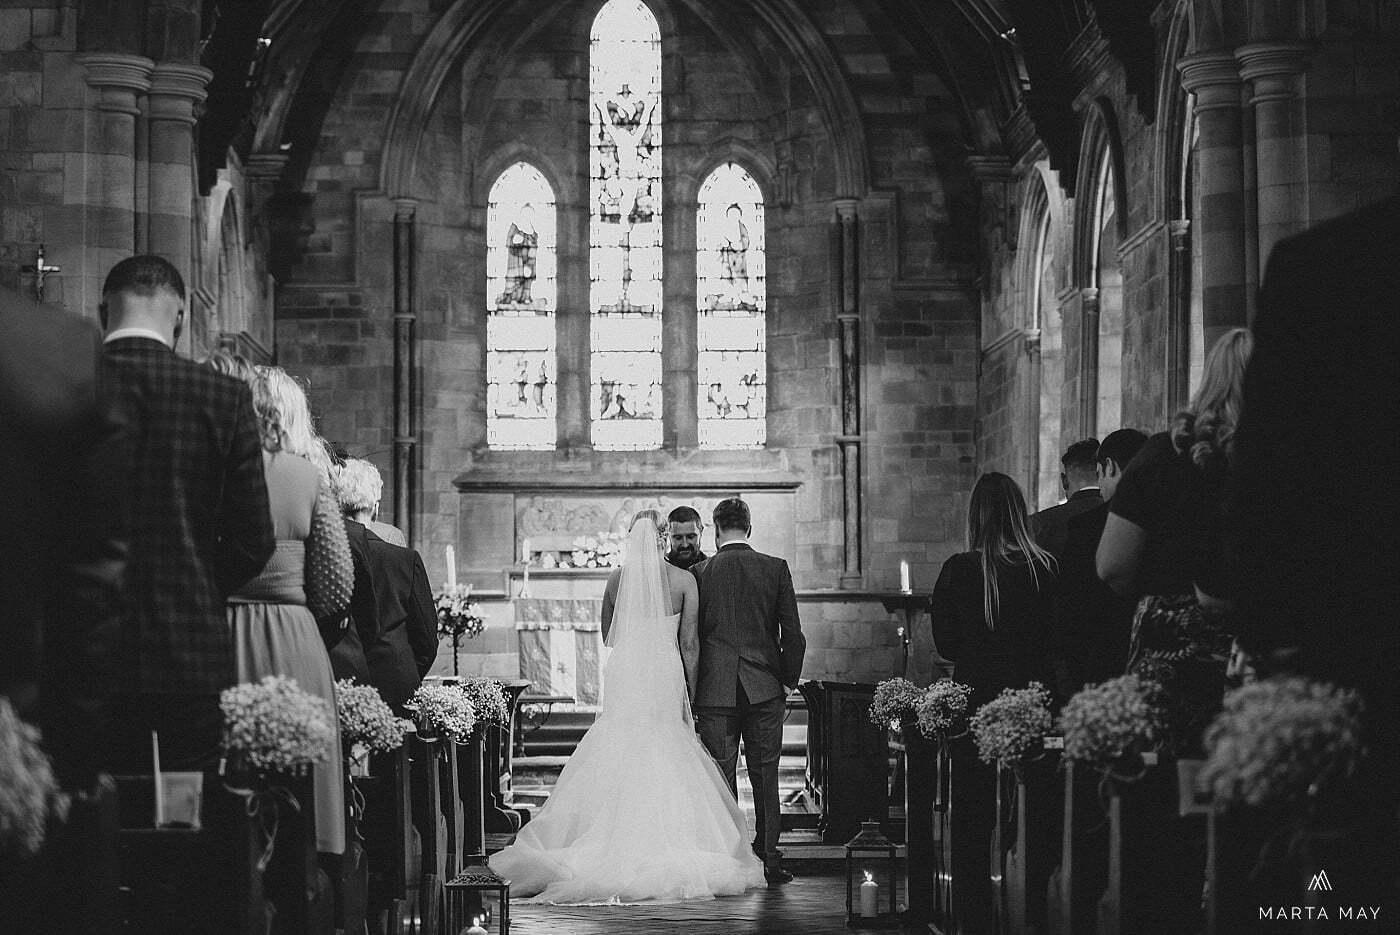 Alveley church ceremony